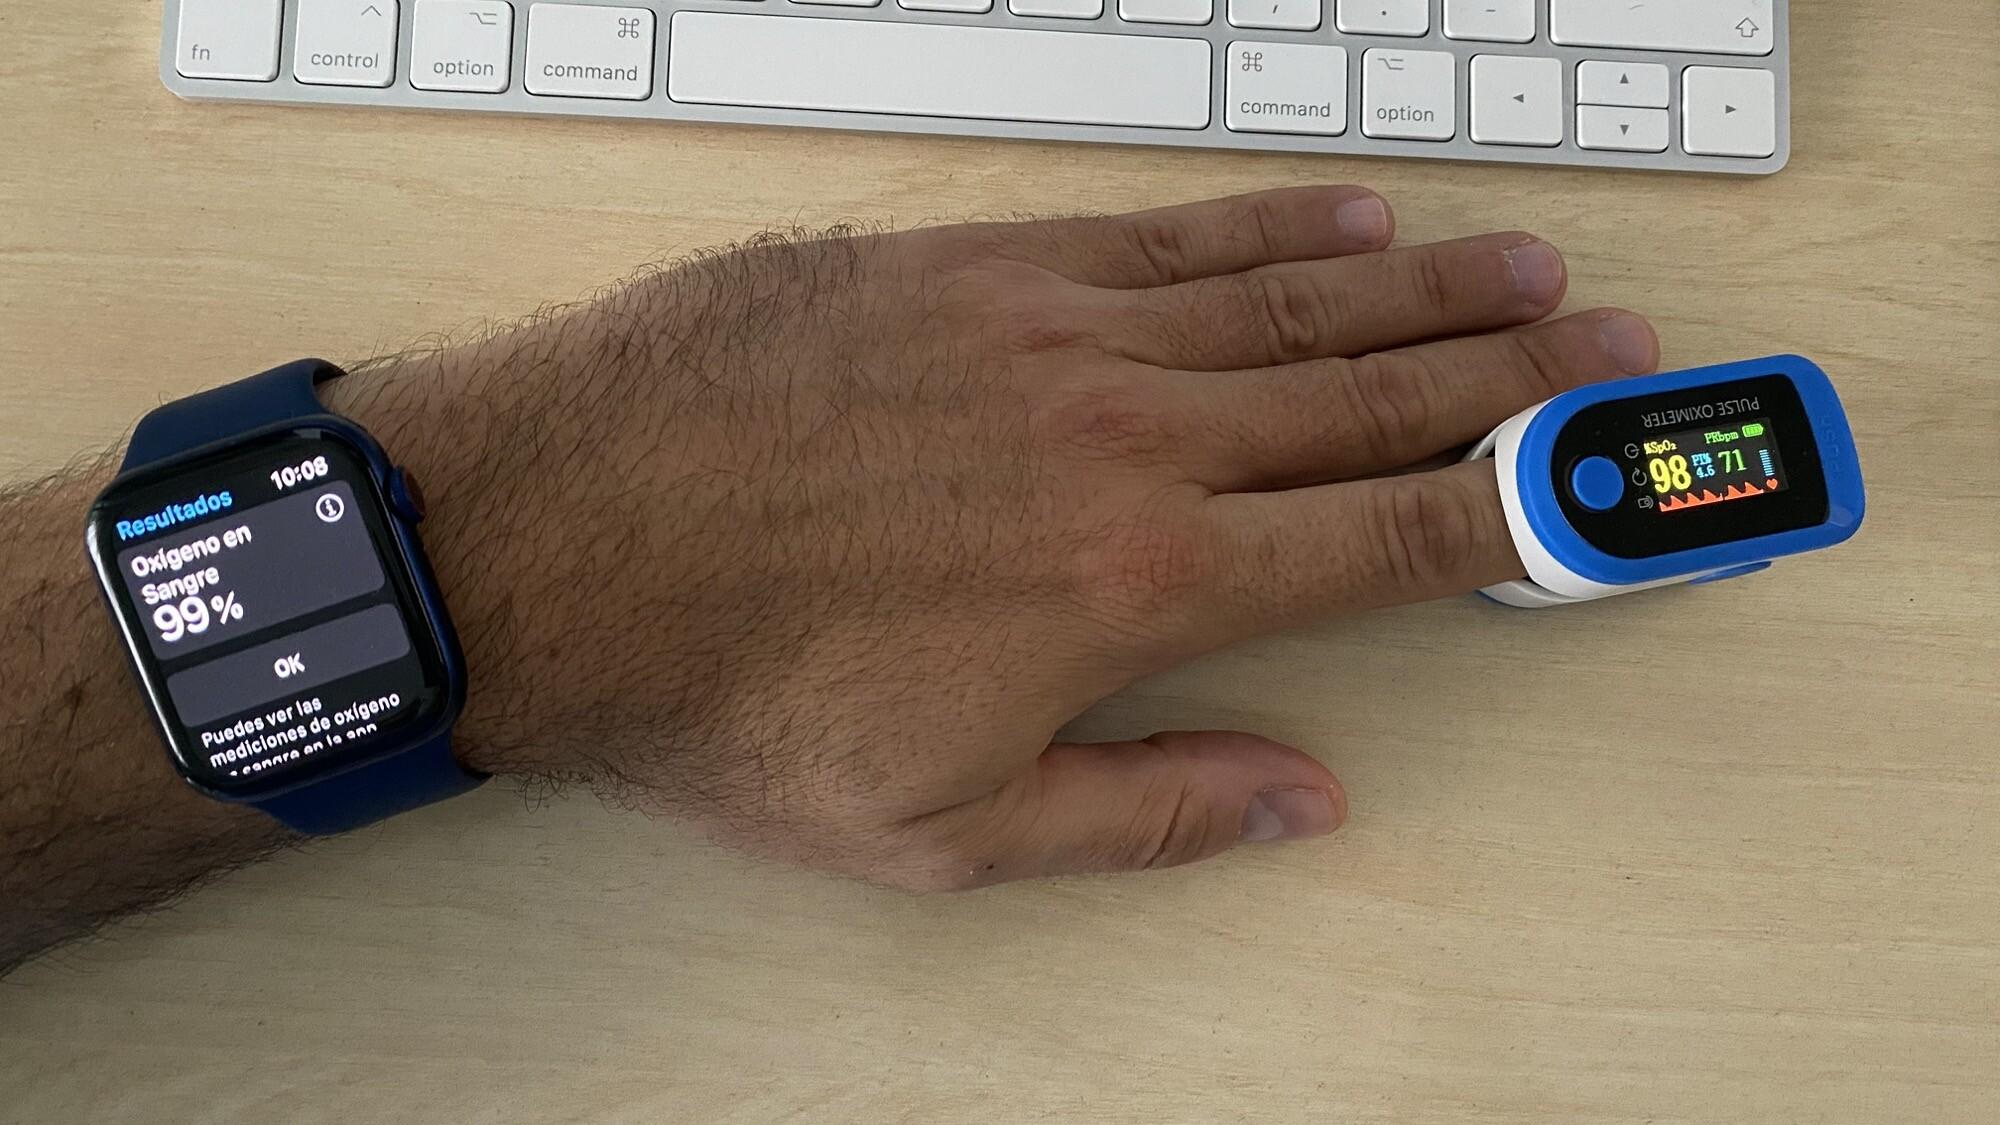 Foto de Mediciones simultáneas SpO2 con Apple Watch Series 6 y pulsioxímetro de dedo (10/12)